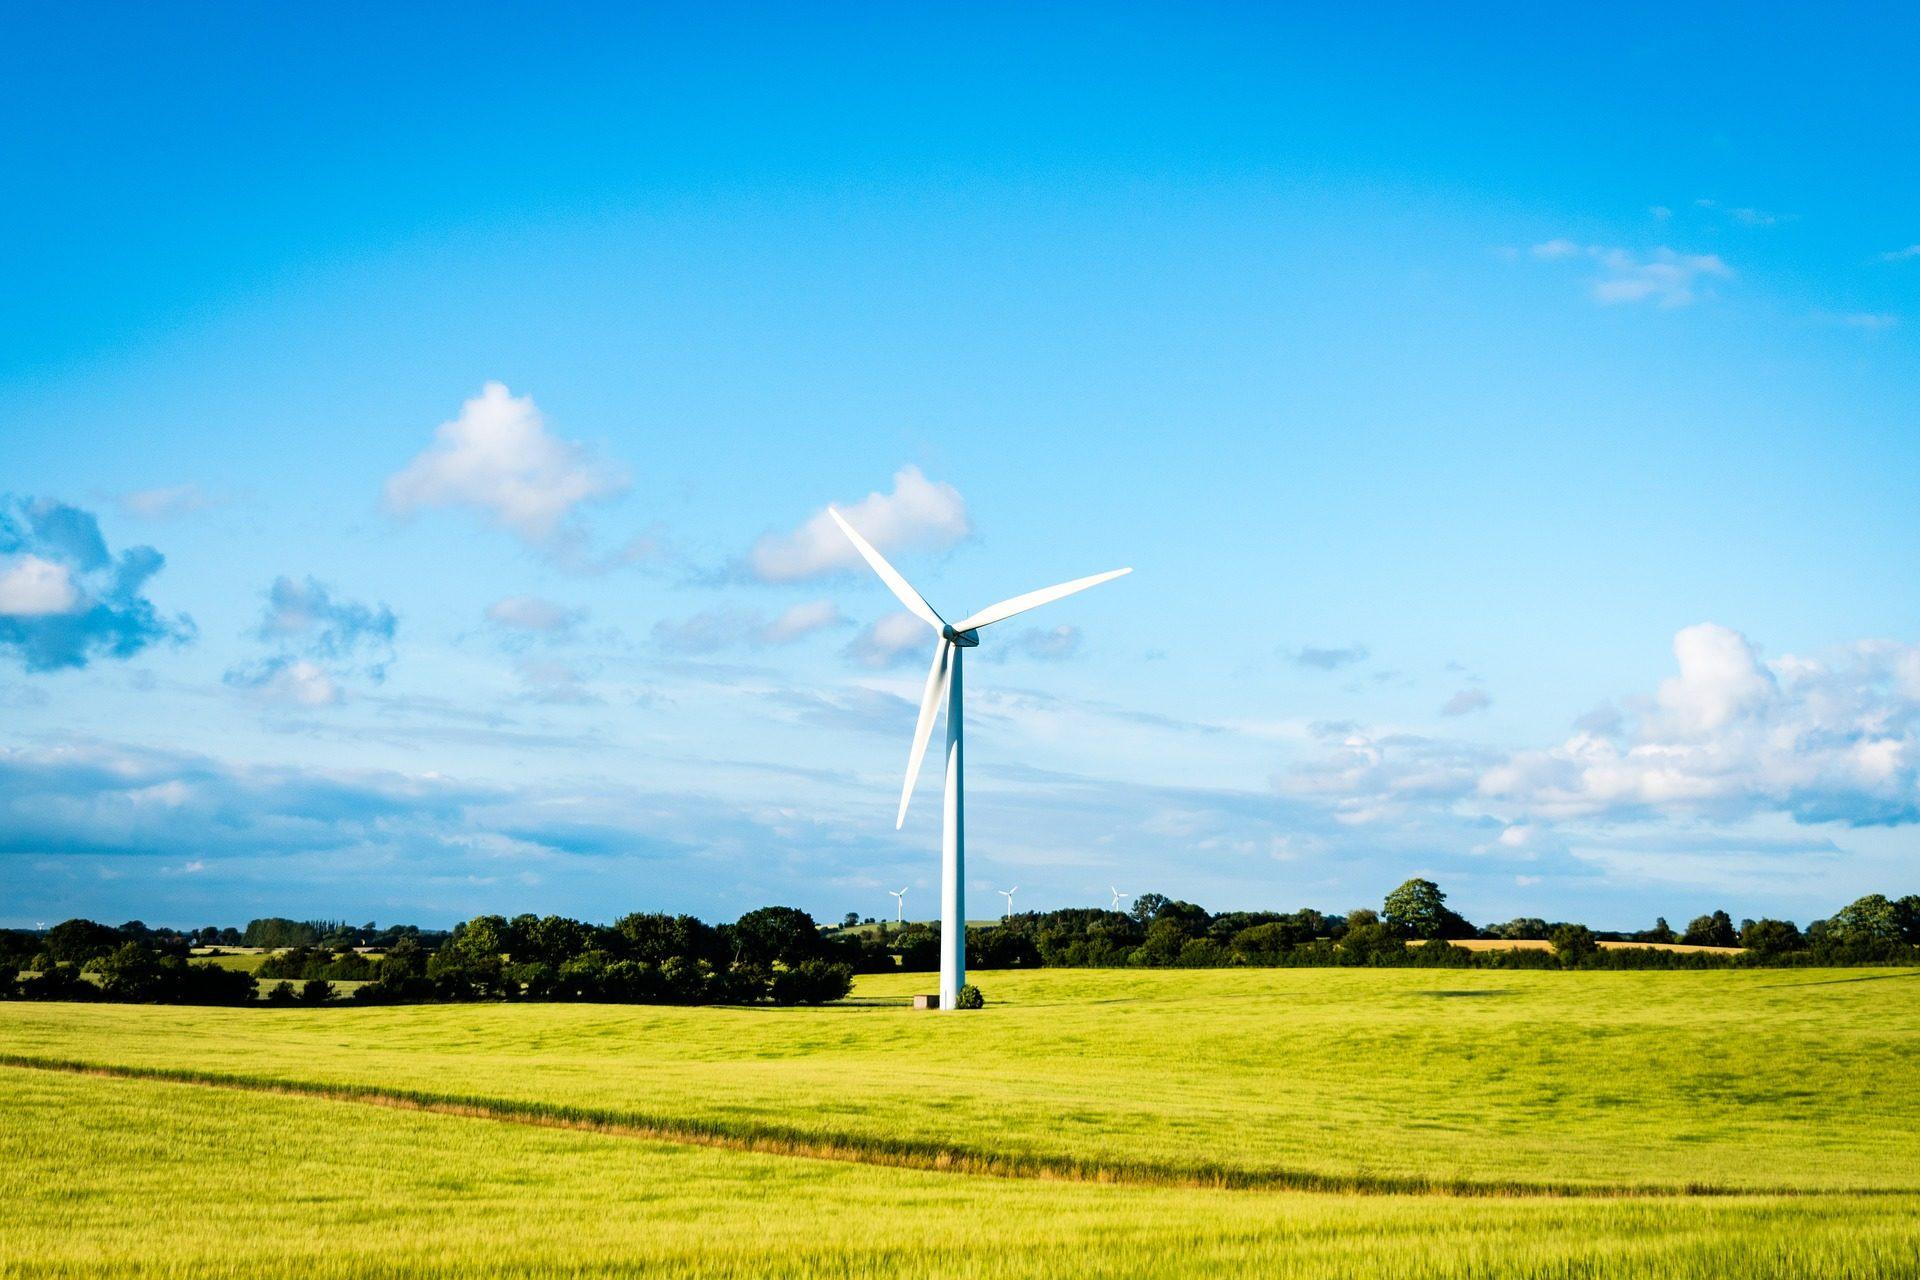 Moulin, énergie, vent, générateur de, renouvelable, nettoyer, future - Fonds d'écran HD - Professor-falken.com